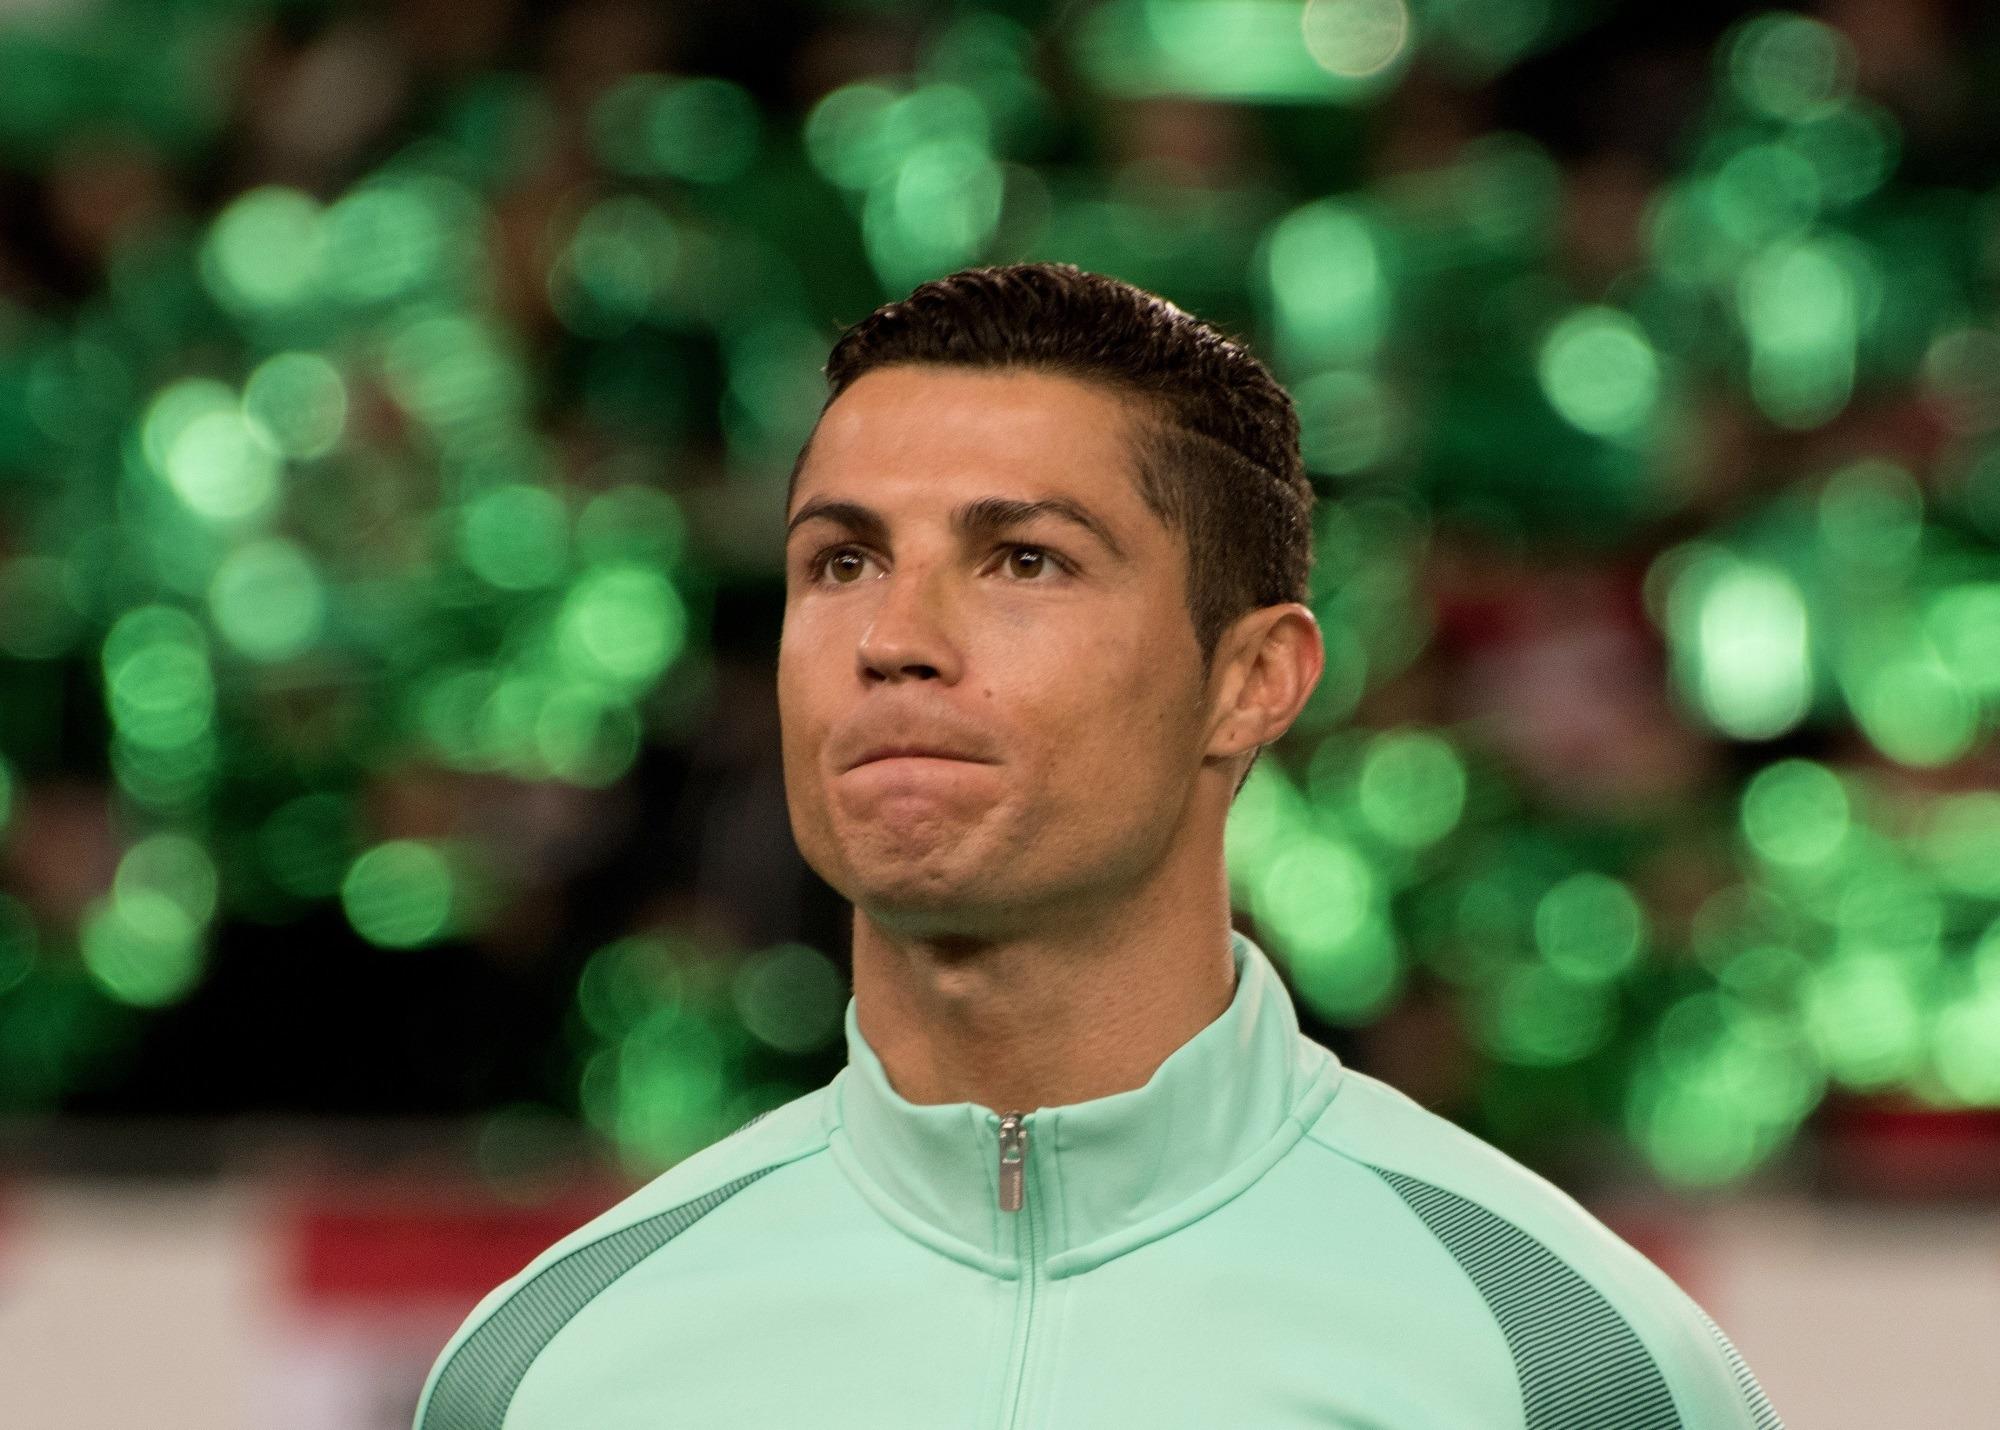 Gaya rambut sleek undercut pesepak bola Christiano Ronaldo